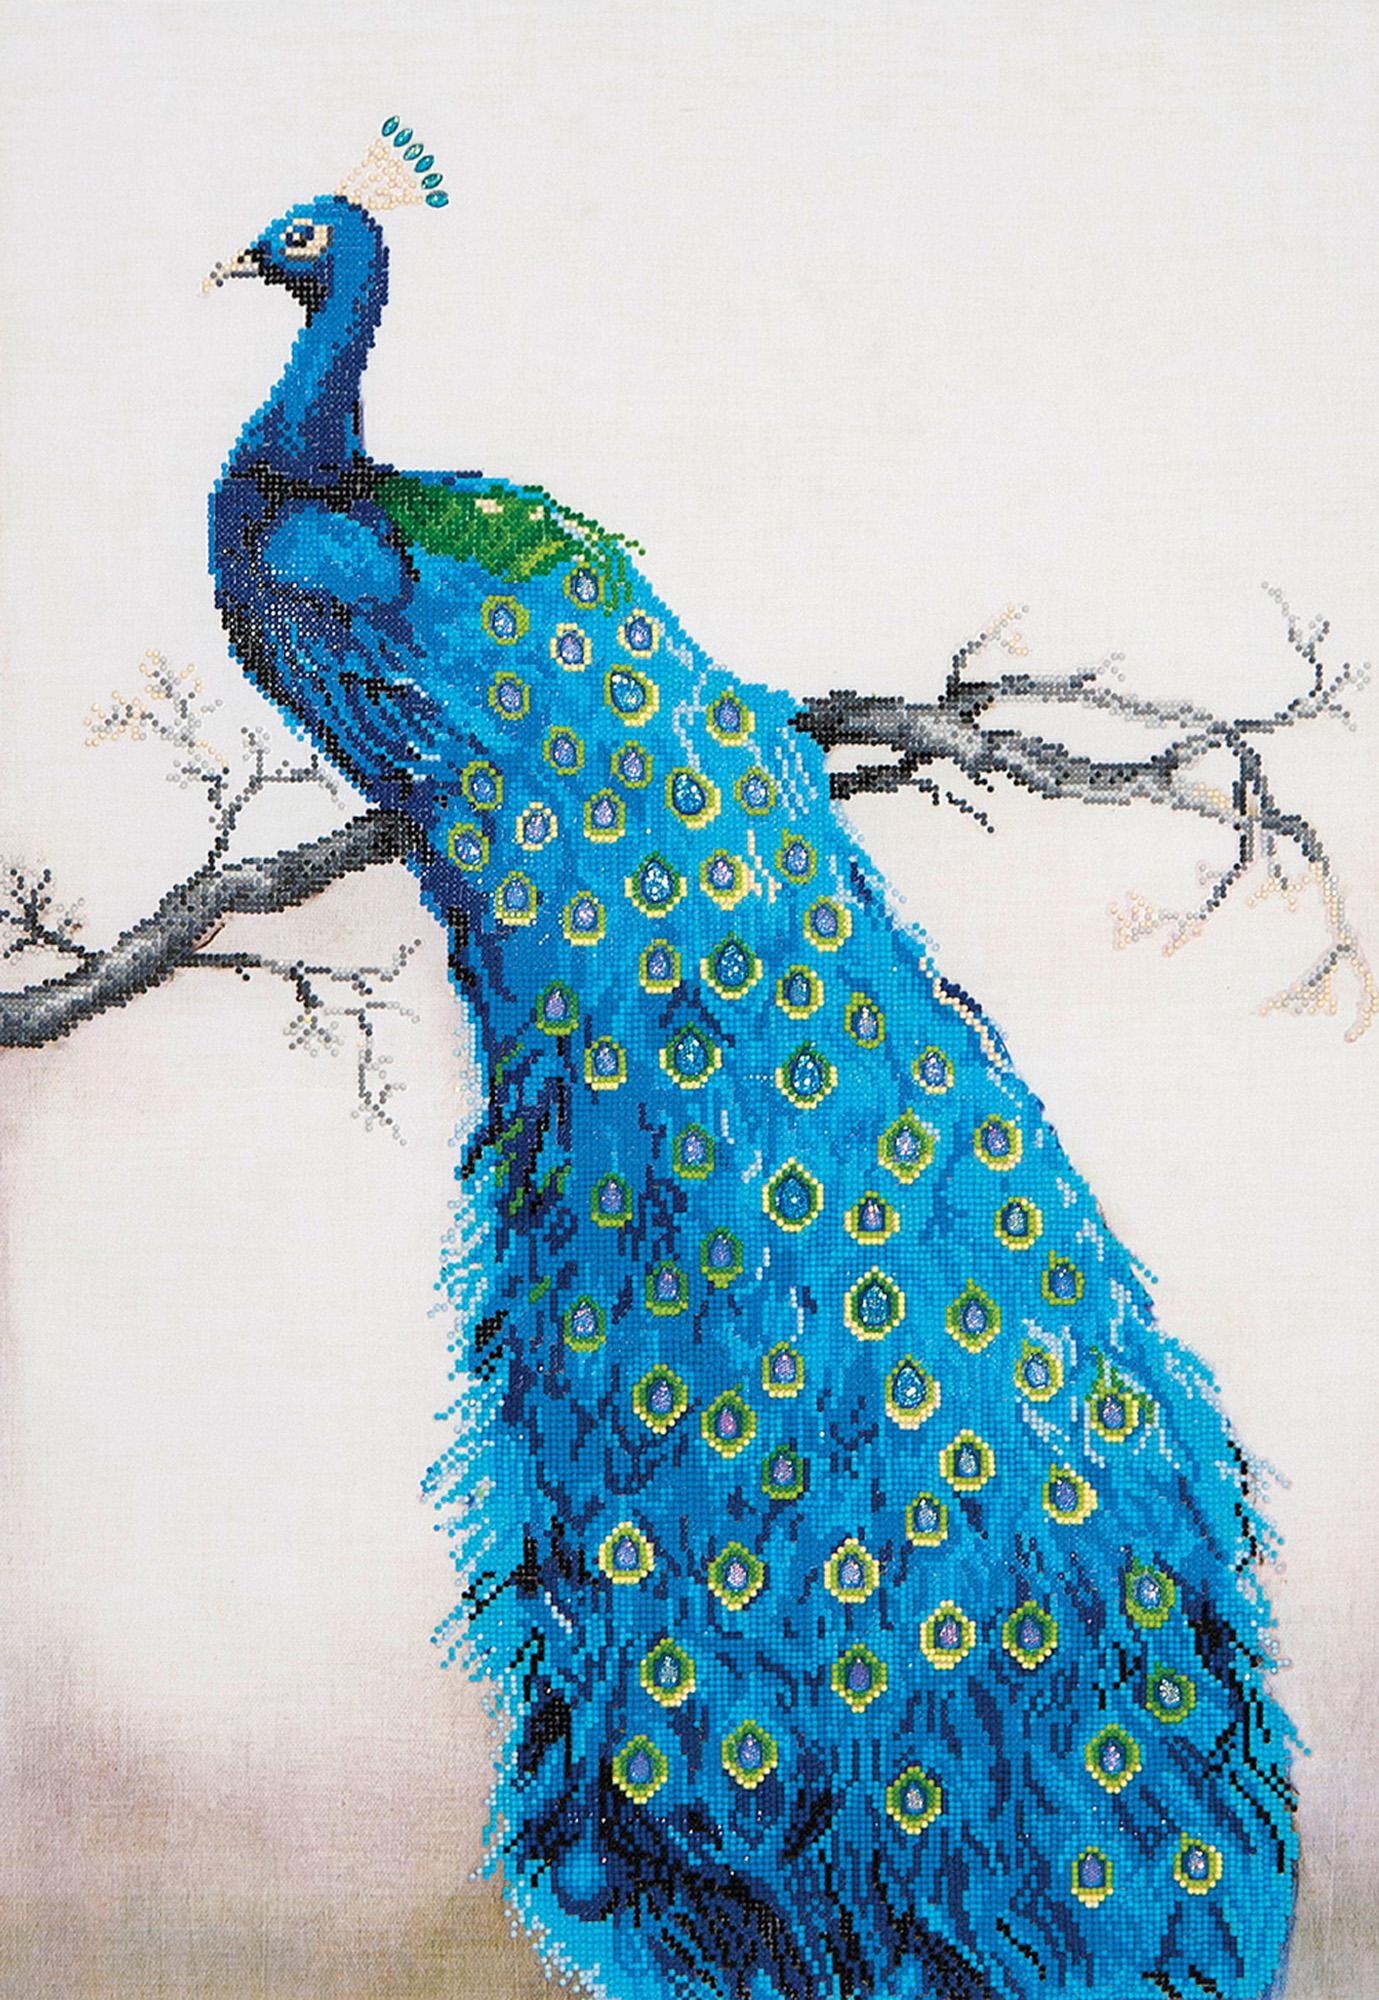 Tablou cu diamante - Păun albastru, 84 x 60 cm imagine edituradiana.ro